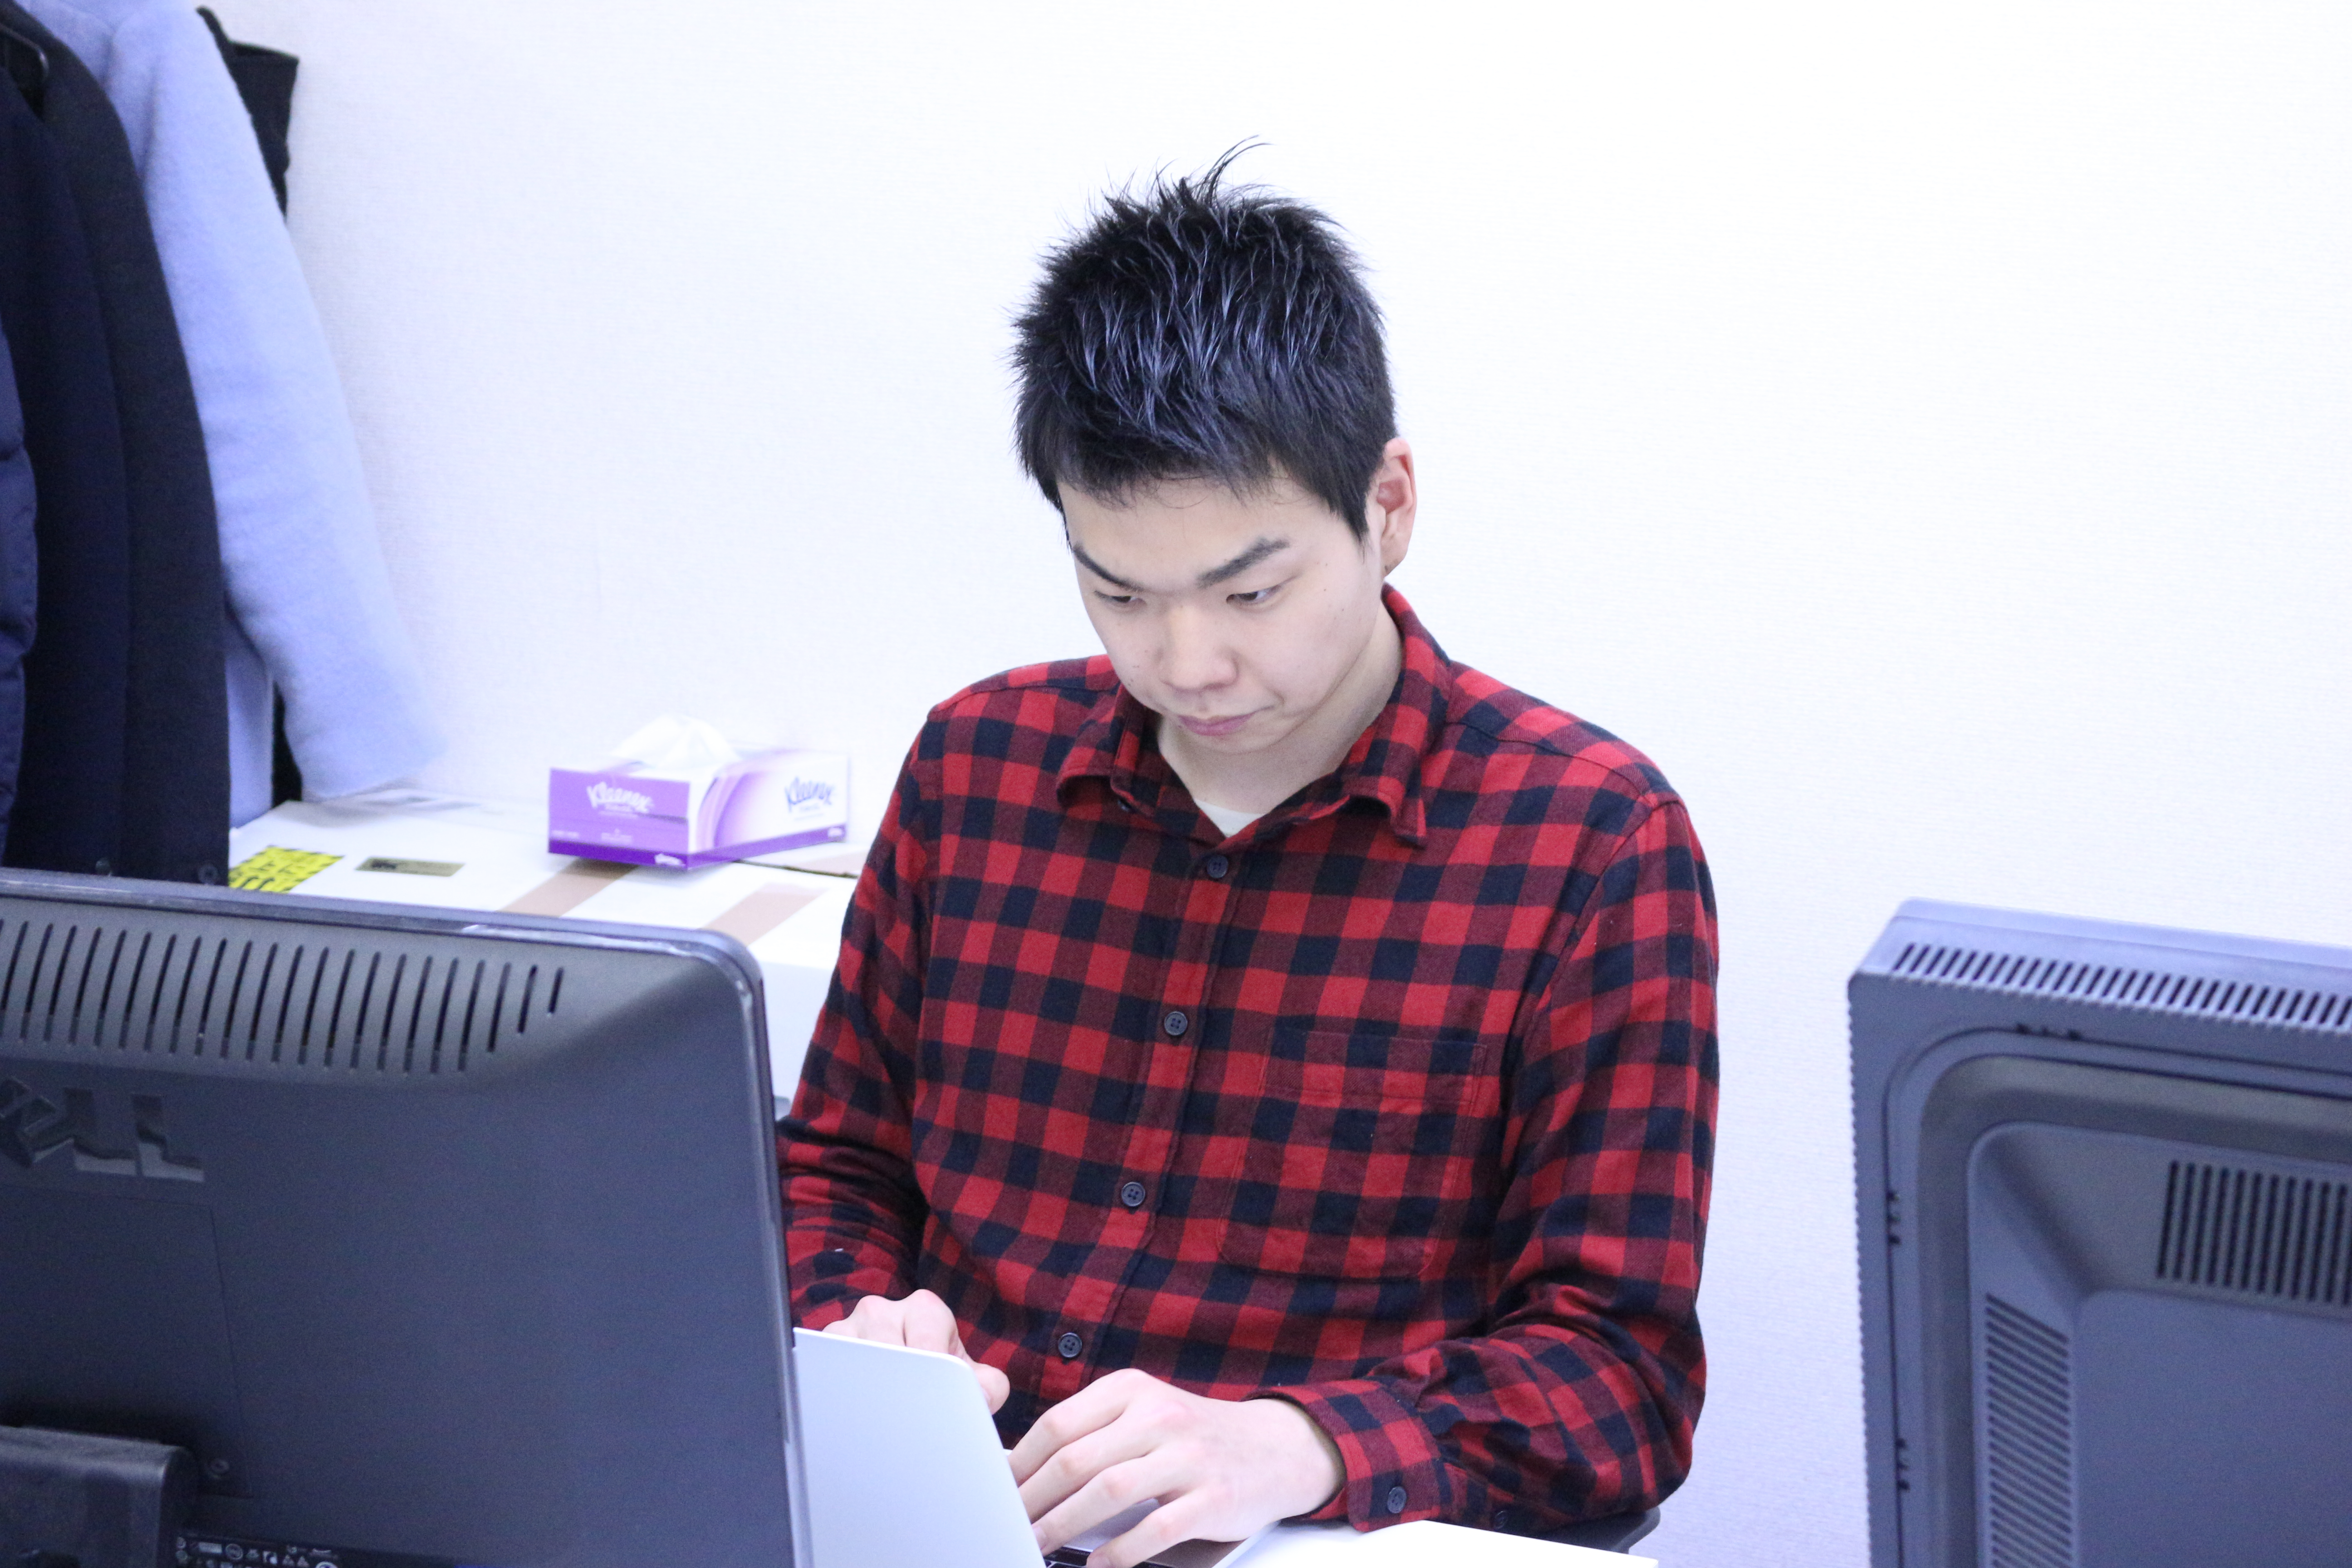 インターン生のインタビュー!